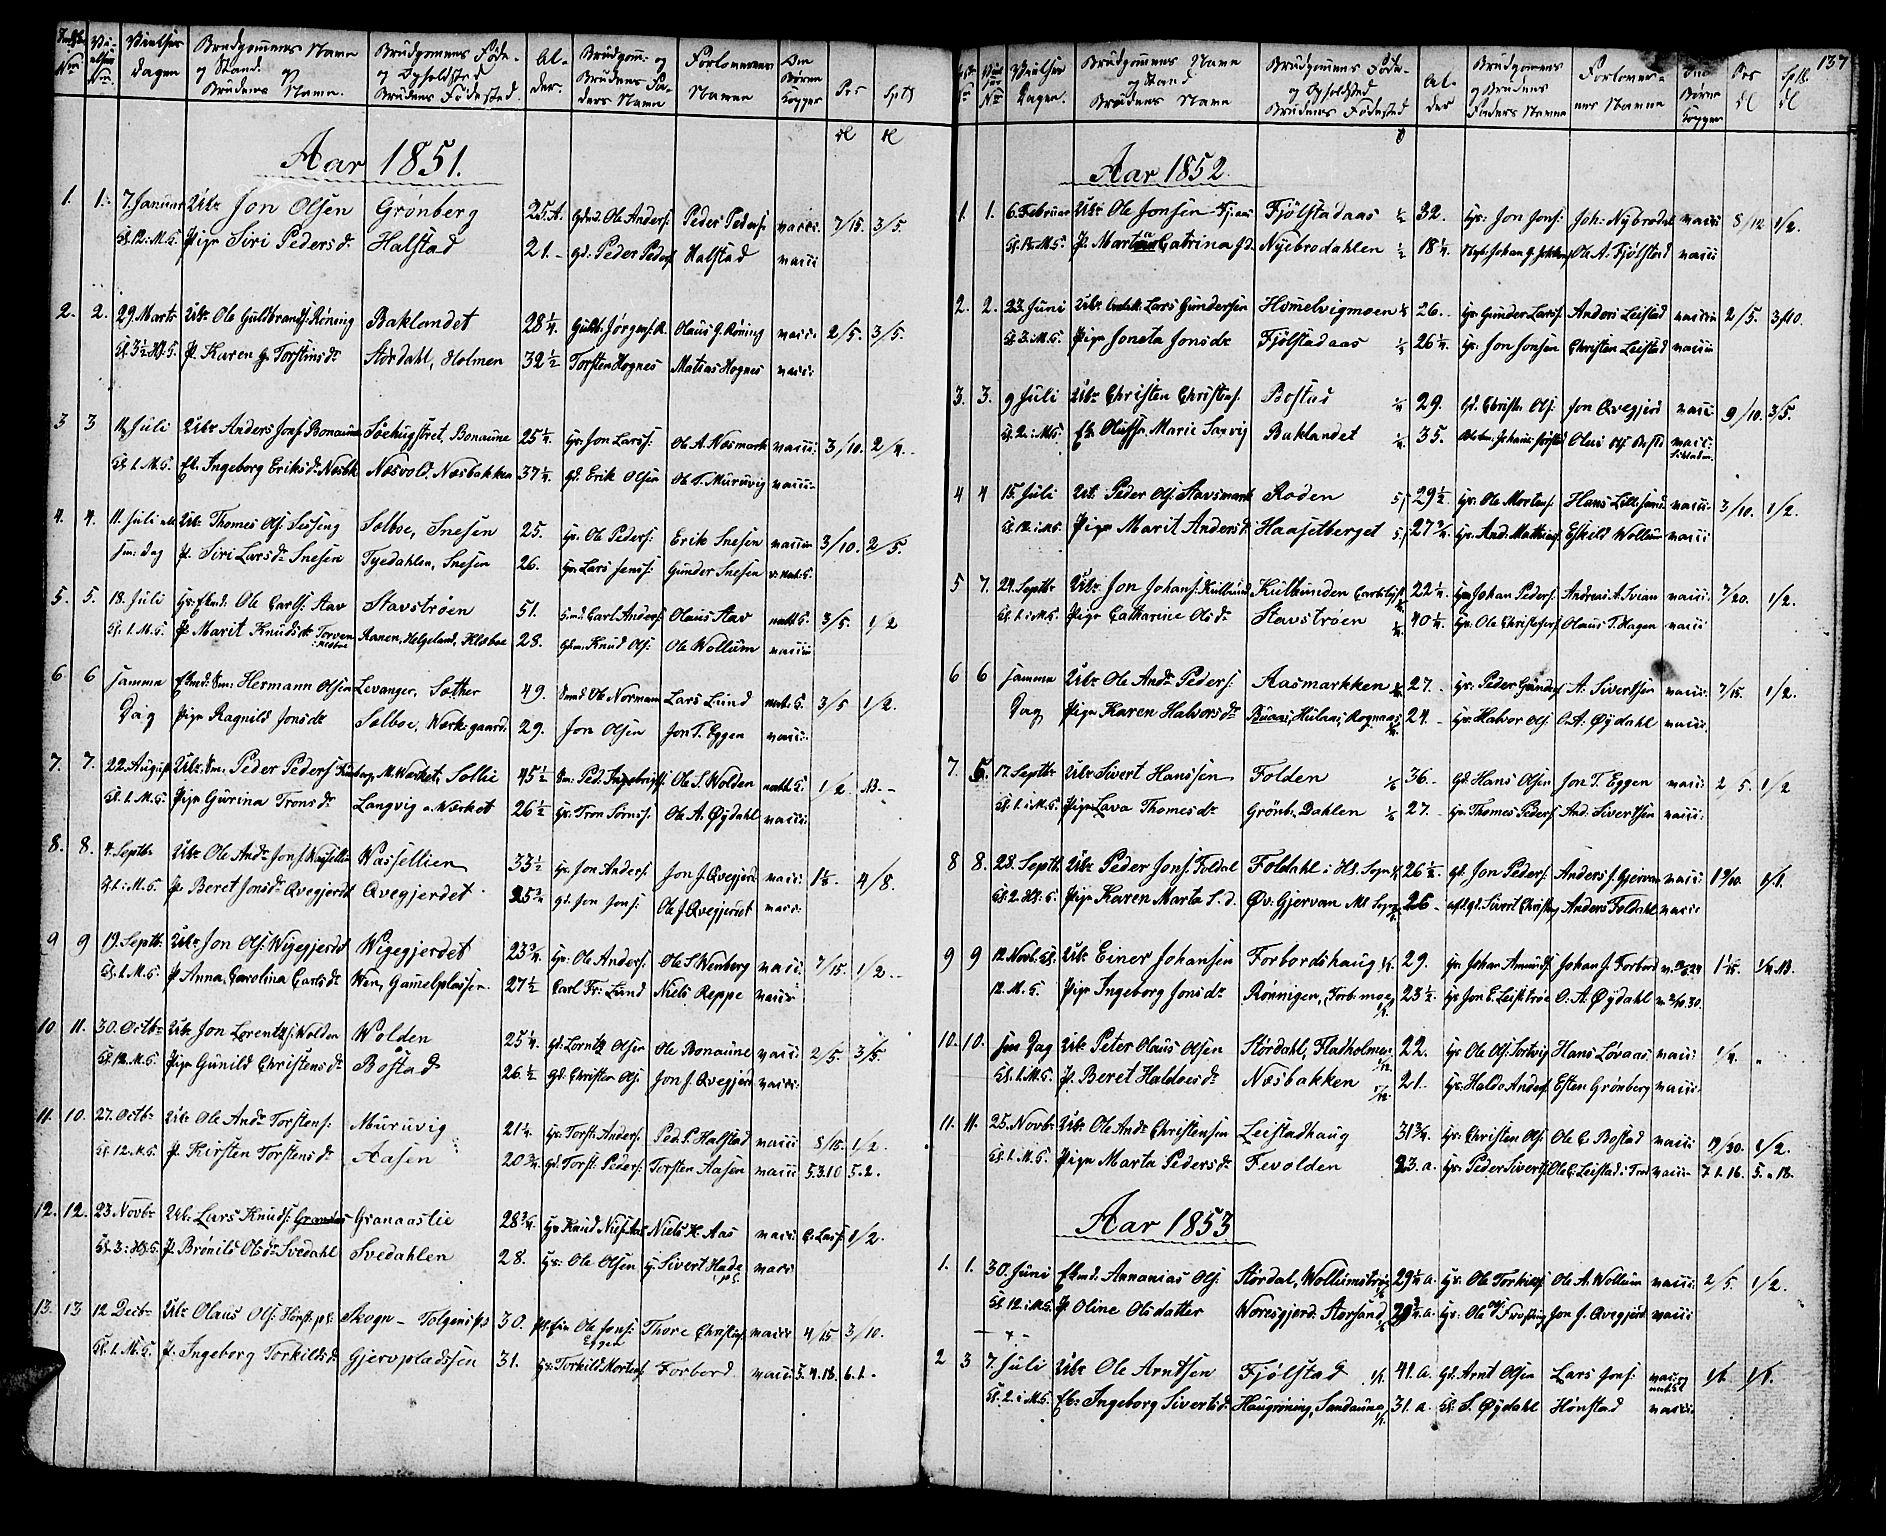 SAT, Ministerialprotokoller, klokkerbøker og fødselsregistre - Sør-Trøndelag, 616/L0422: Klokkerbok nr. 616C05, 1850-1888, s. 137